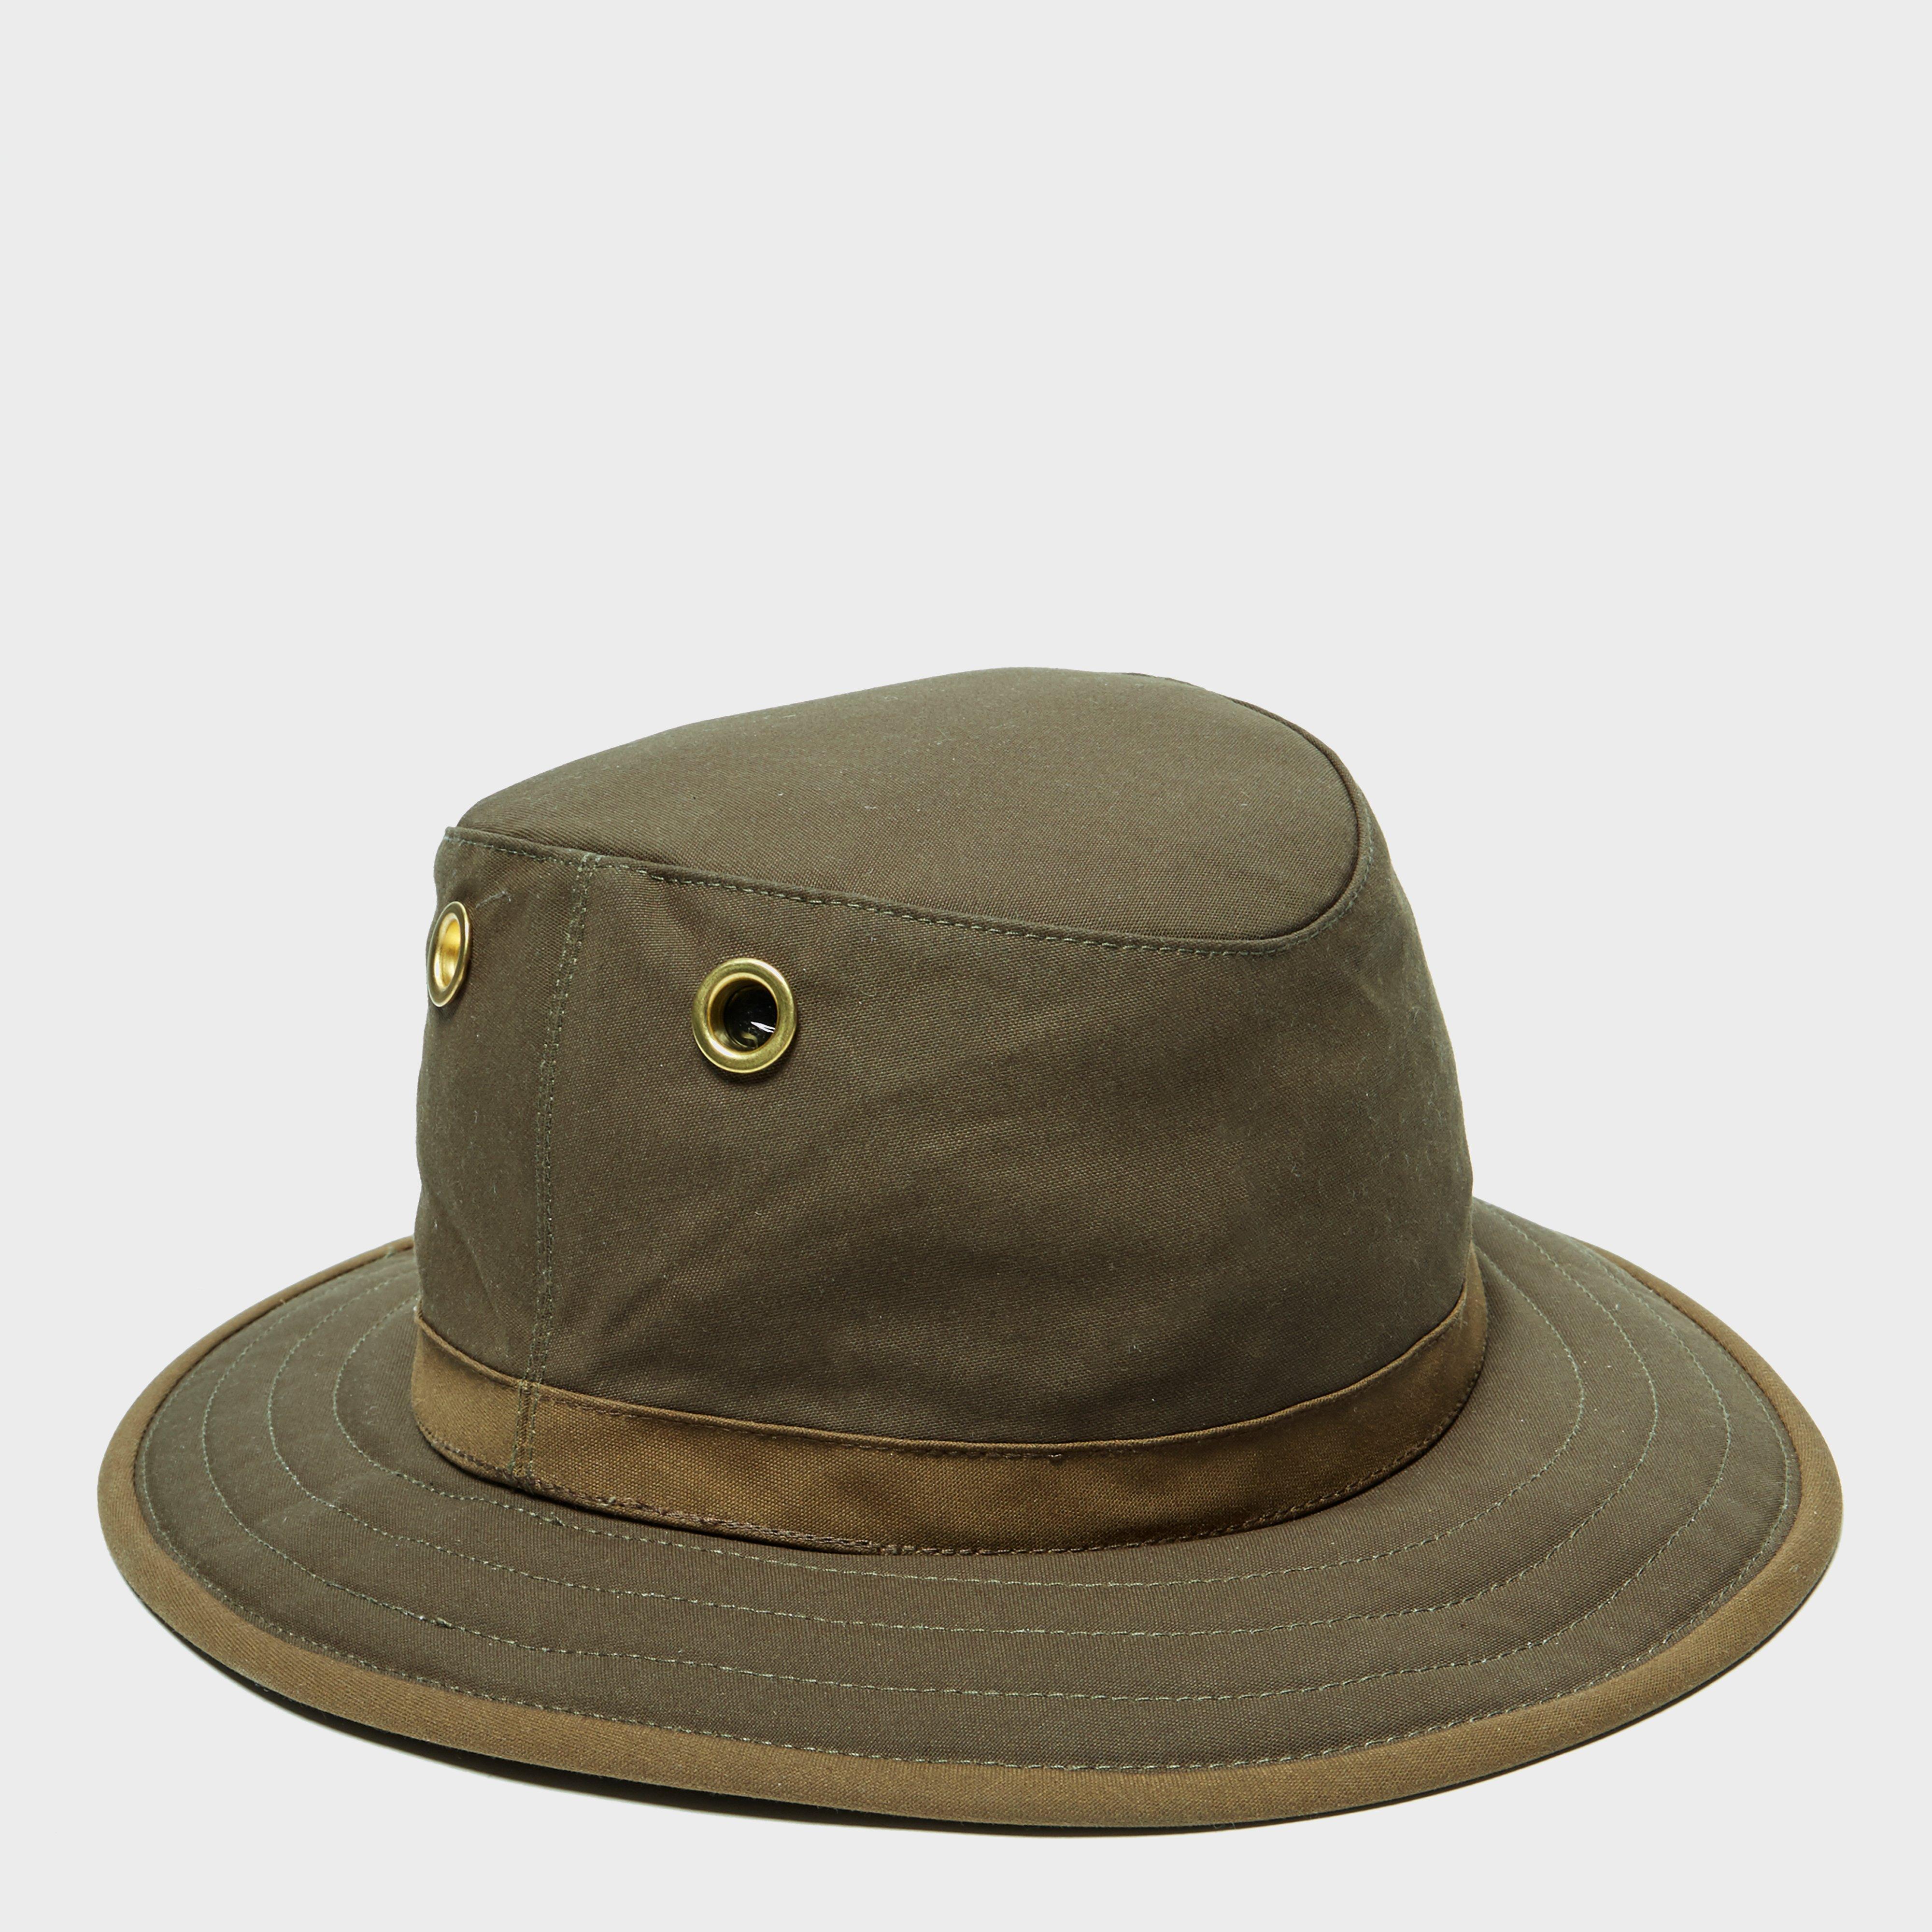 Tilley Tilley TWC7 Outback Waxed Cotton Hat - Khaki, Khaki